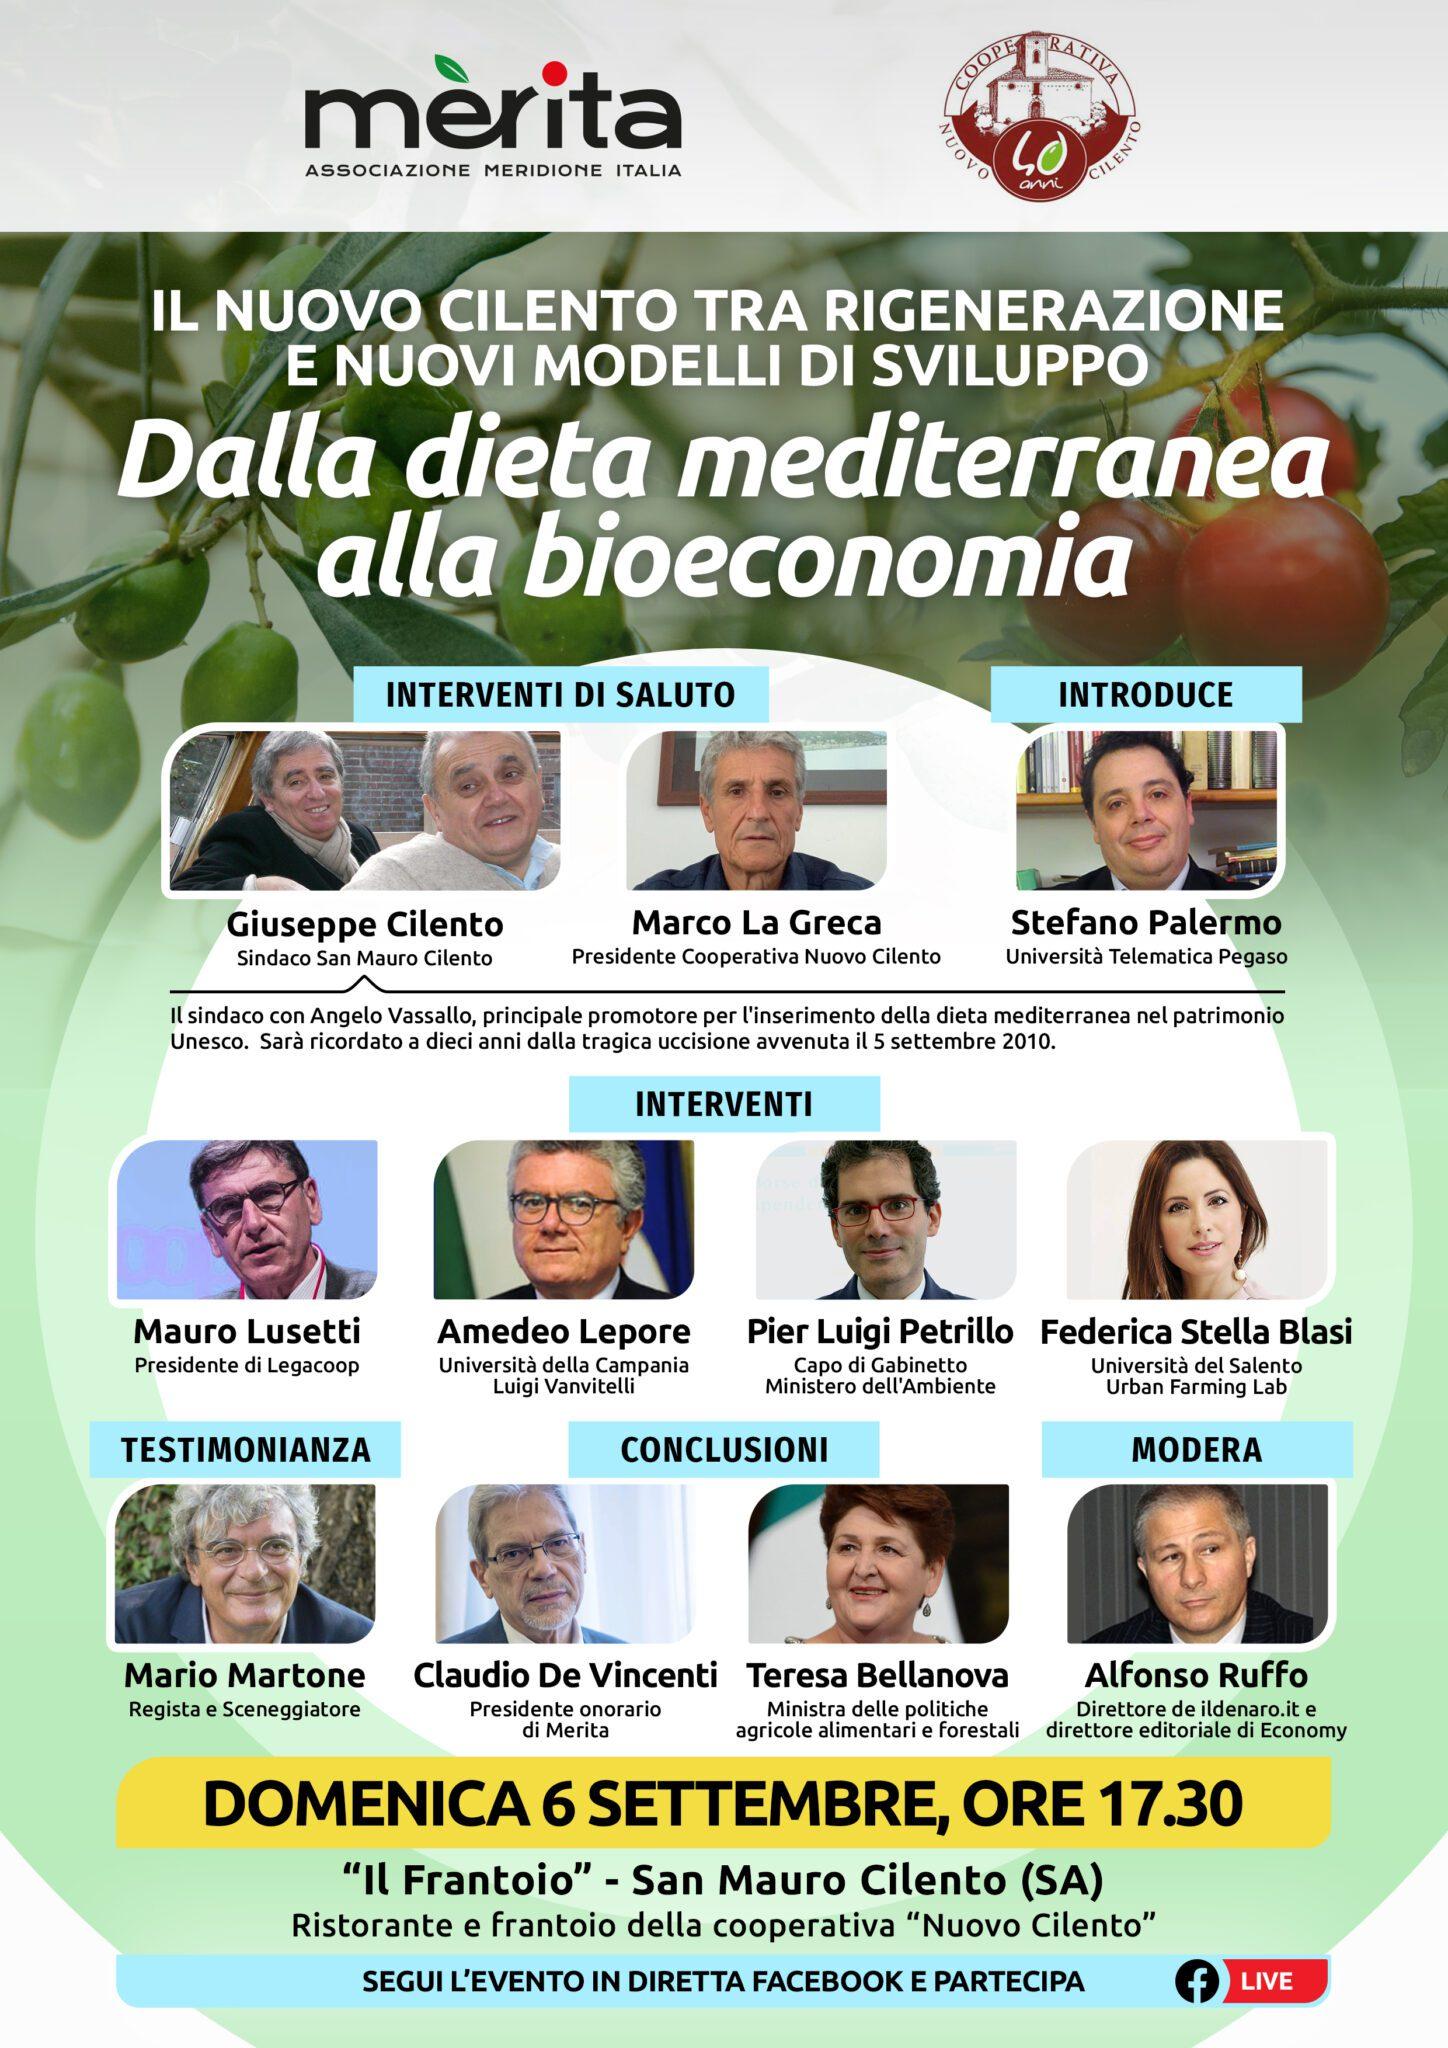 Dalla dieta mediterranea alla bioeconomia, il ministro Bellanova a San Mauro Cilento